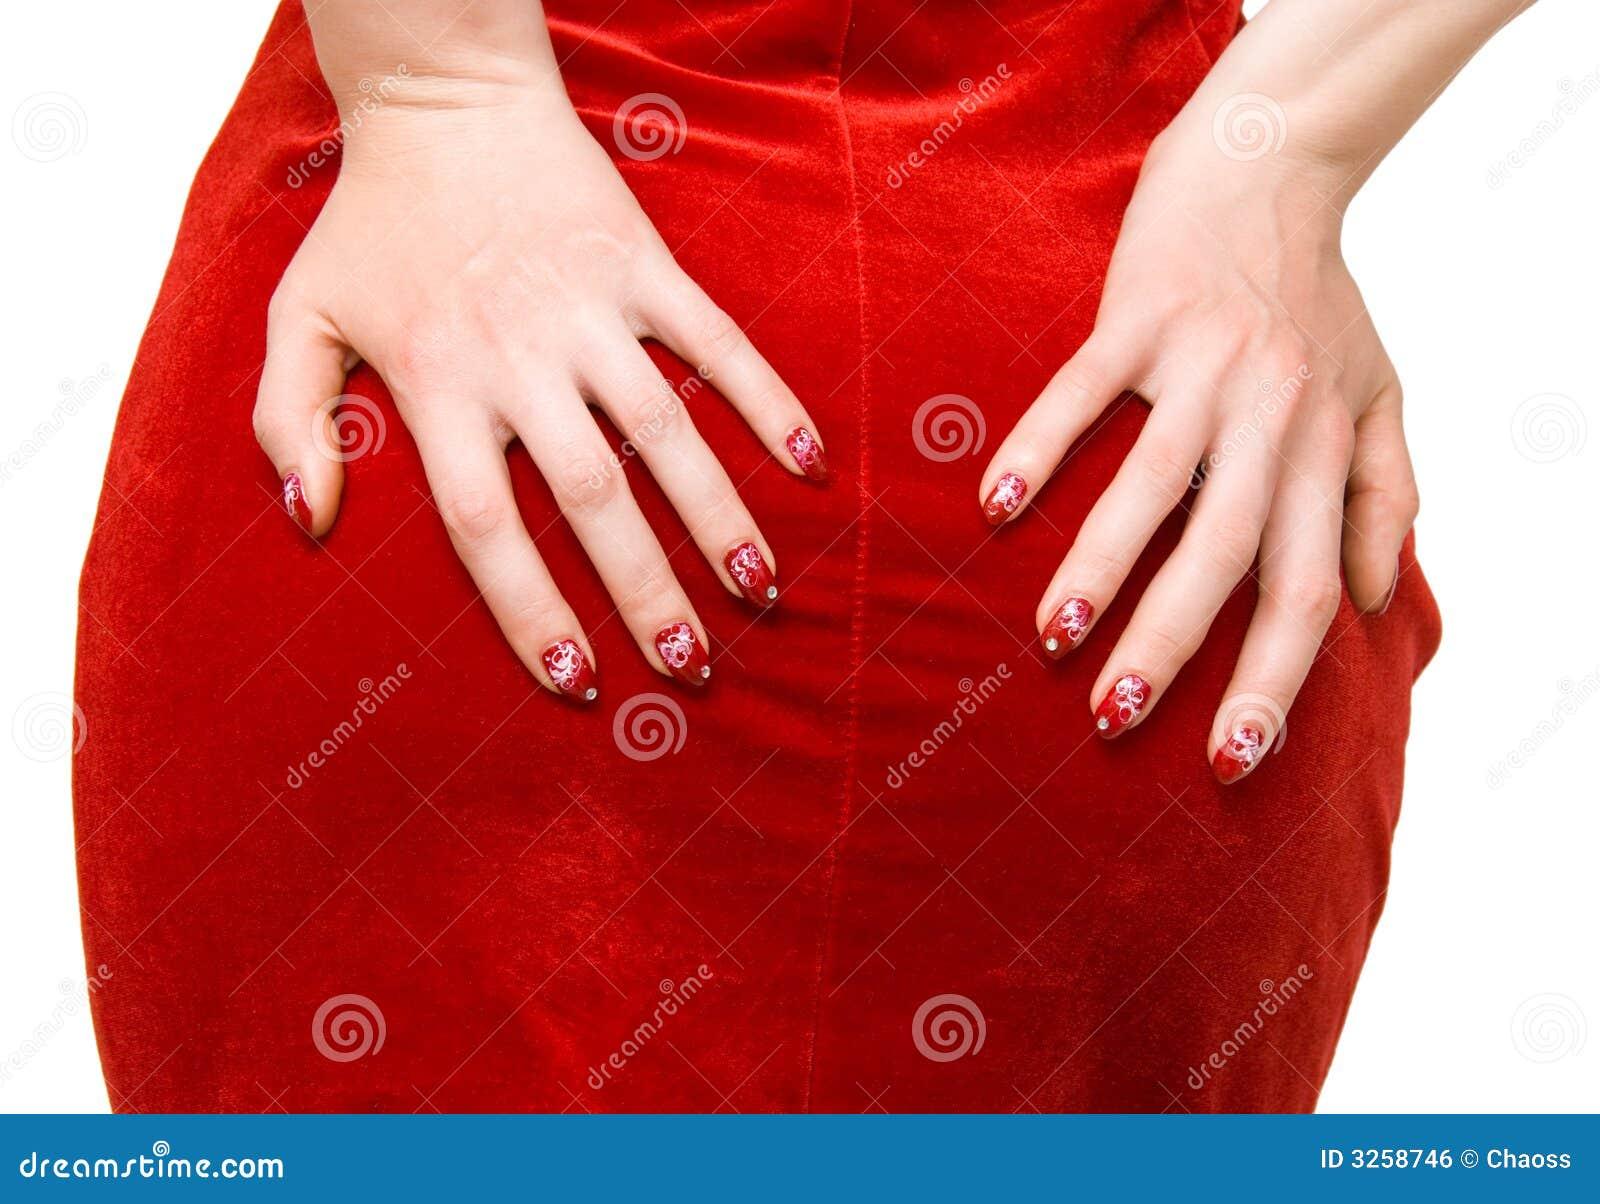 frauenhände auf rotem kleid stockfoto - bild von rotem